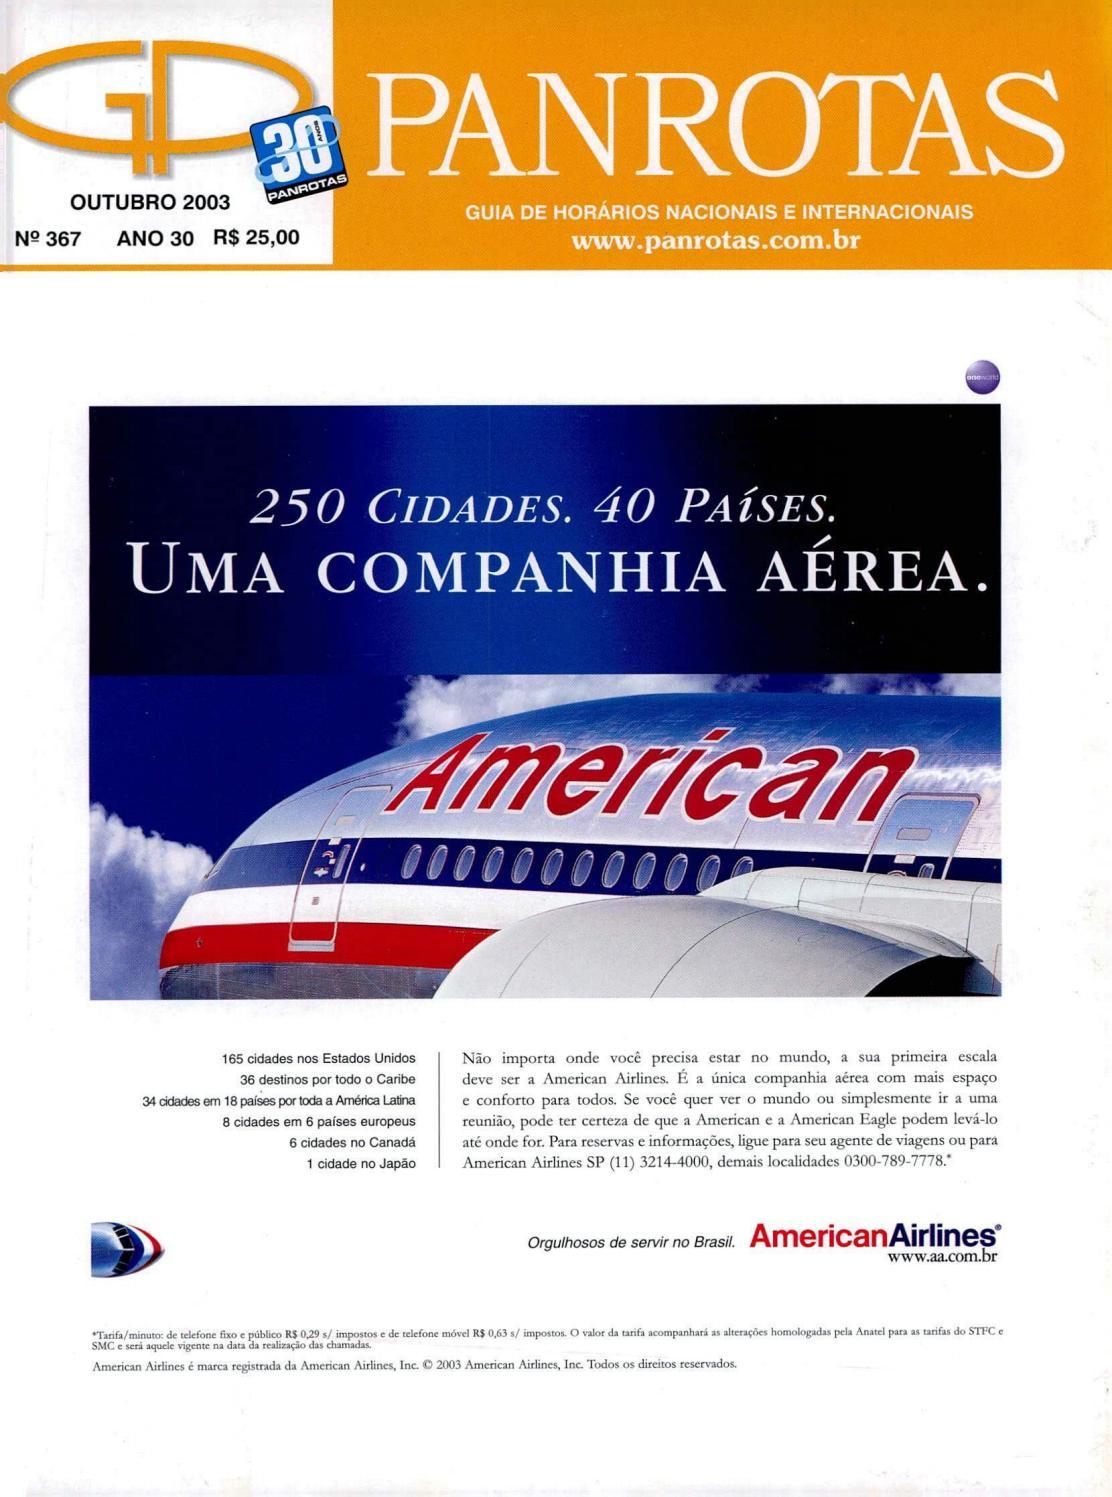 Guia PANROTAS - Edição 367 - Outubro 2003 by PANROTAS Editora - issuu 8e3881648c3